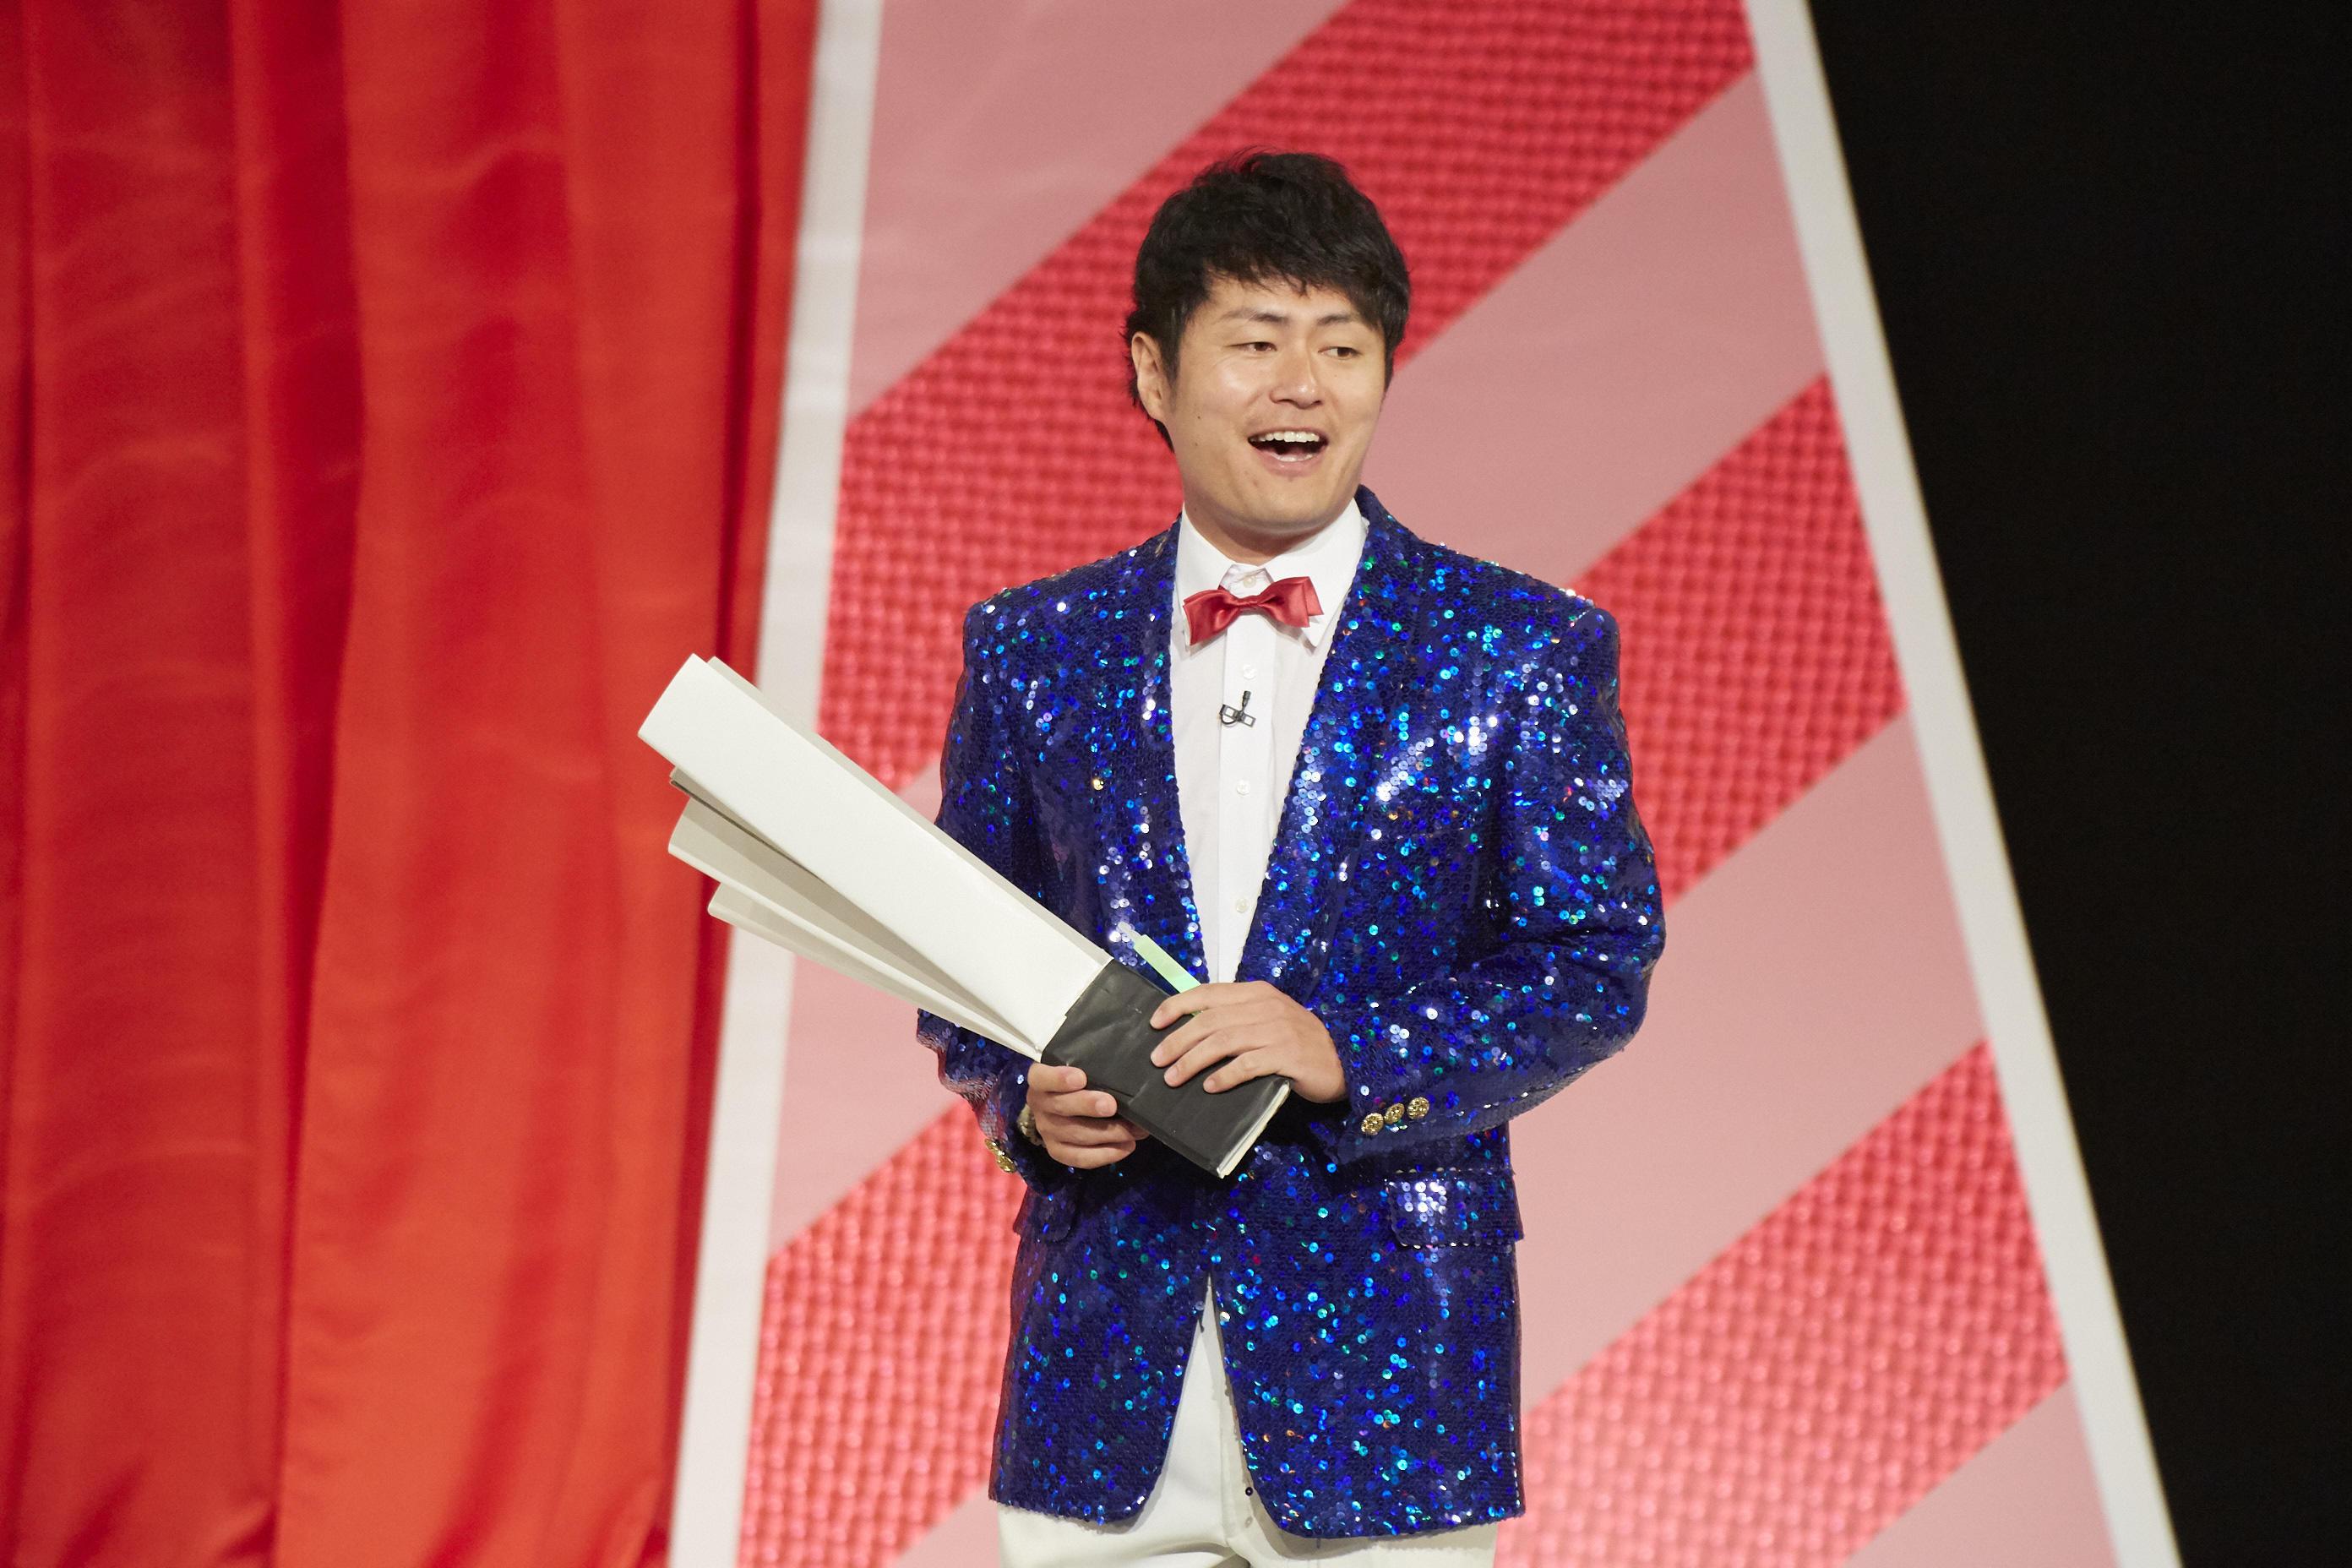 http://news.yoshimoto.co.jp/20180704094038-9c1f2b9cf3afd1825b6d18cfaab1bdd10484d958.jpg